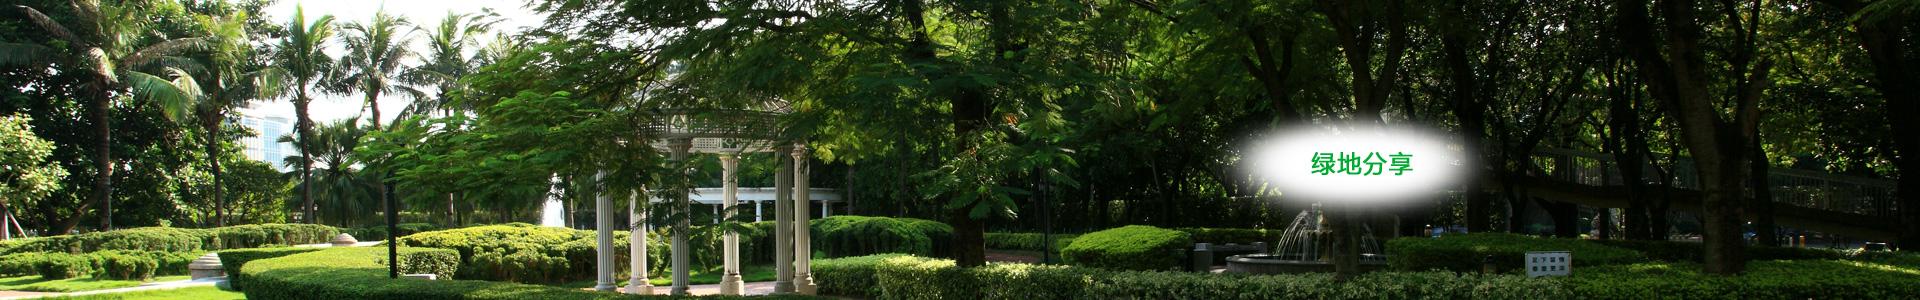 花卉栽培 7.园林树木 8.园林植物保护 9.